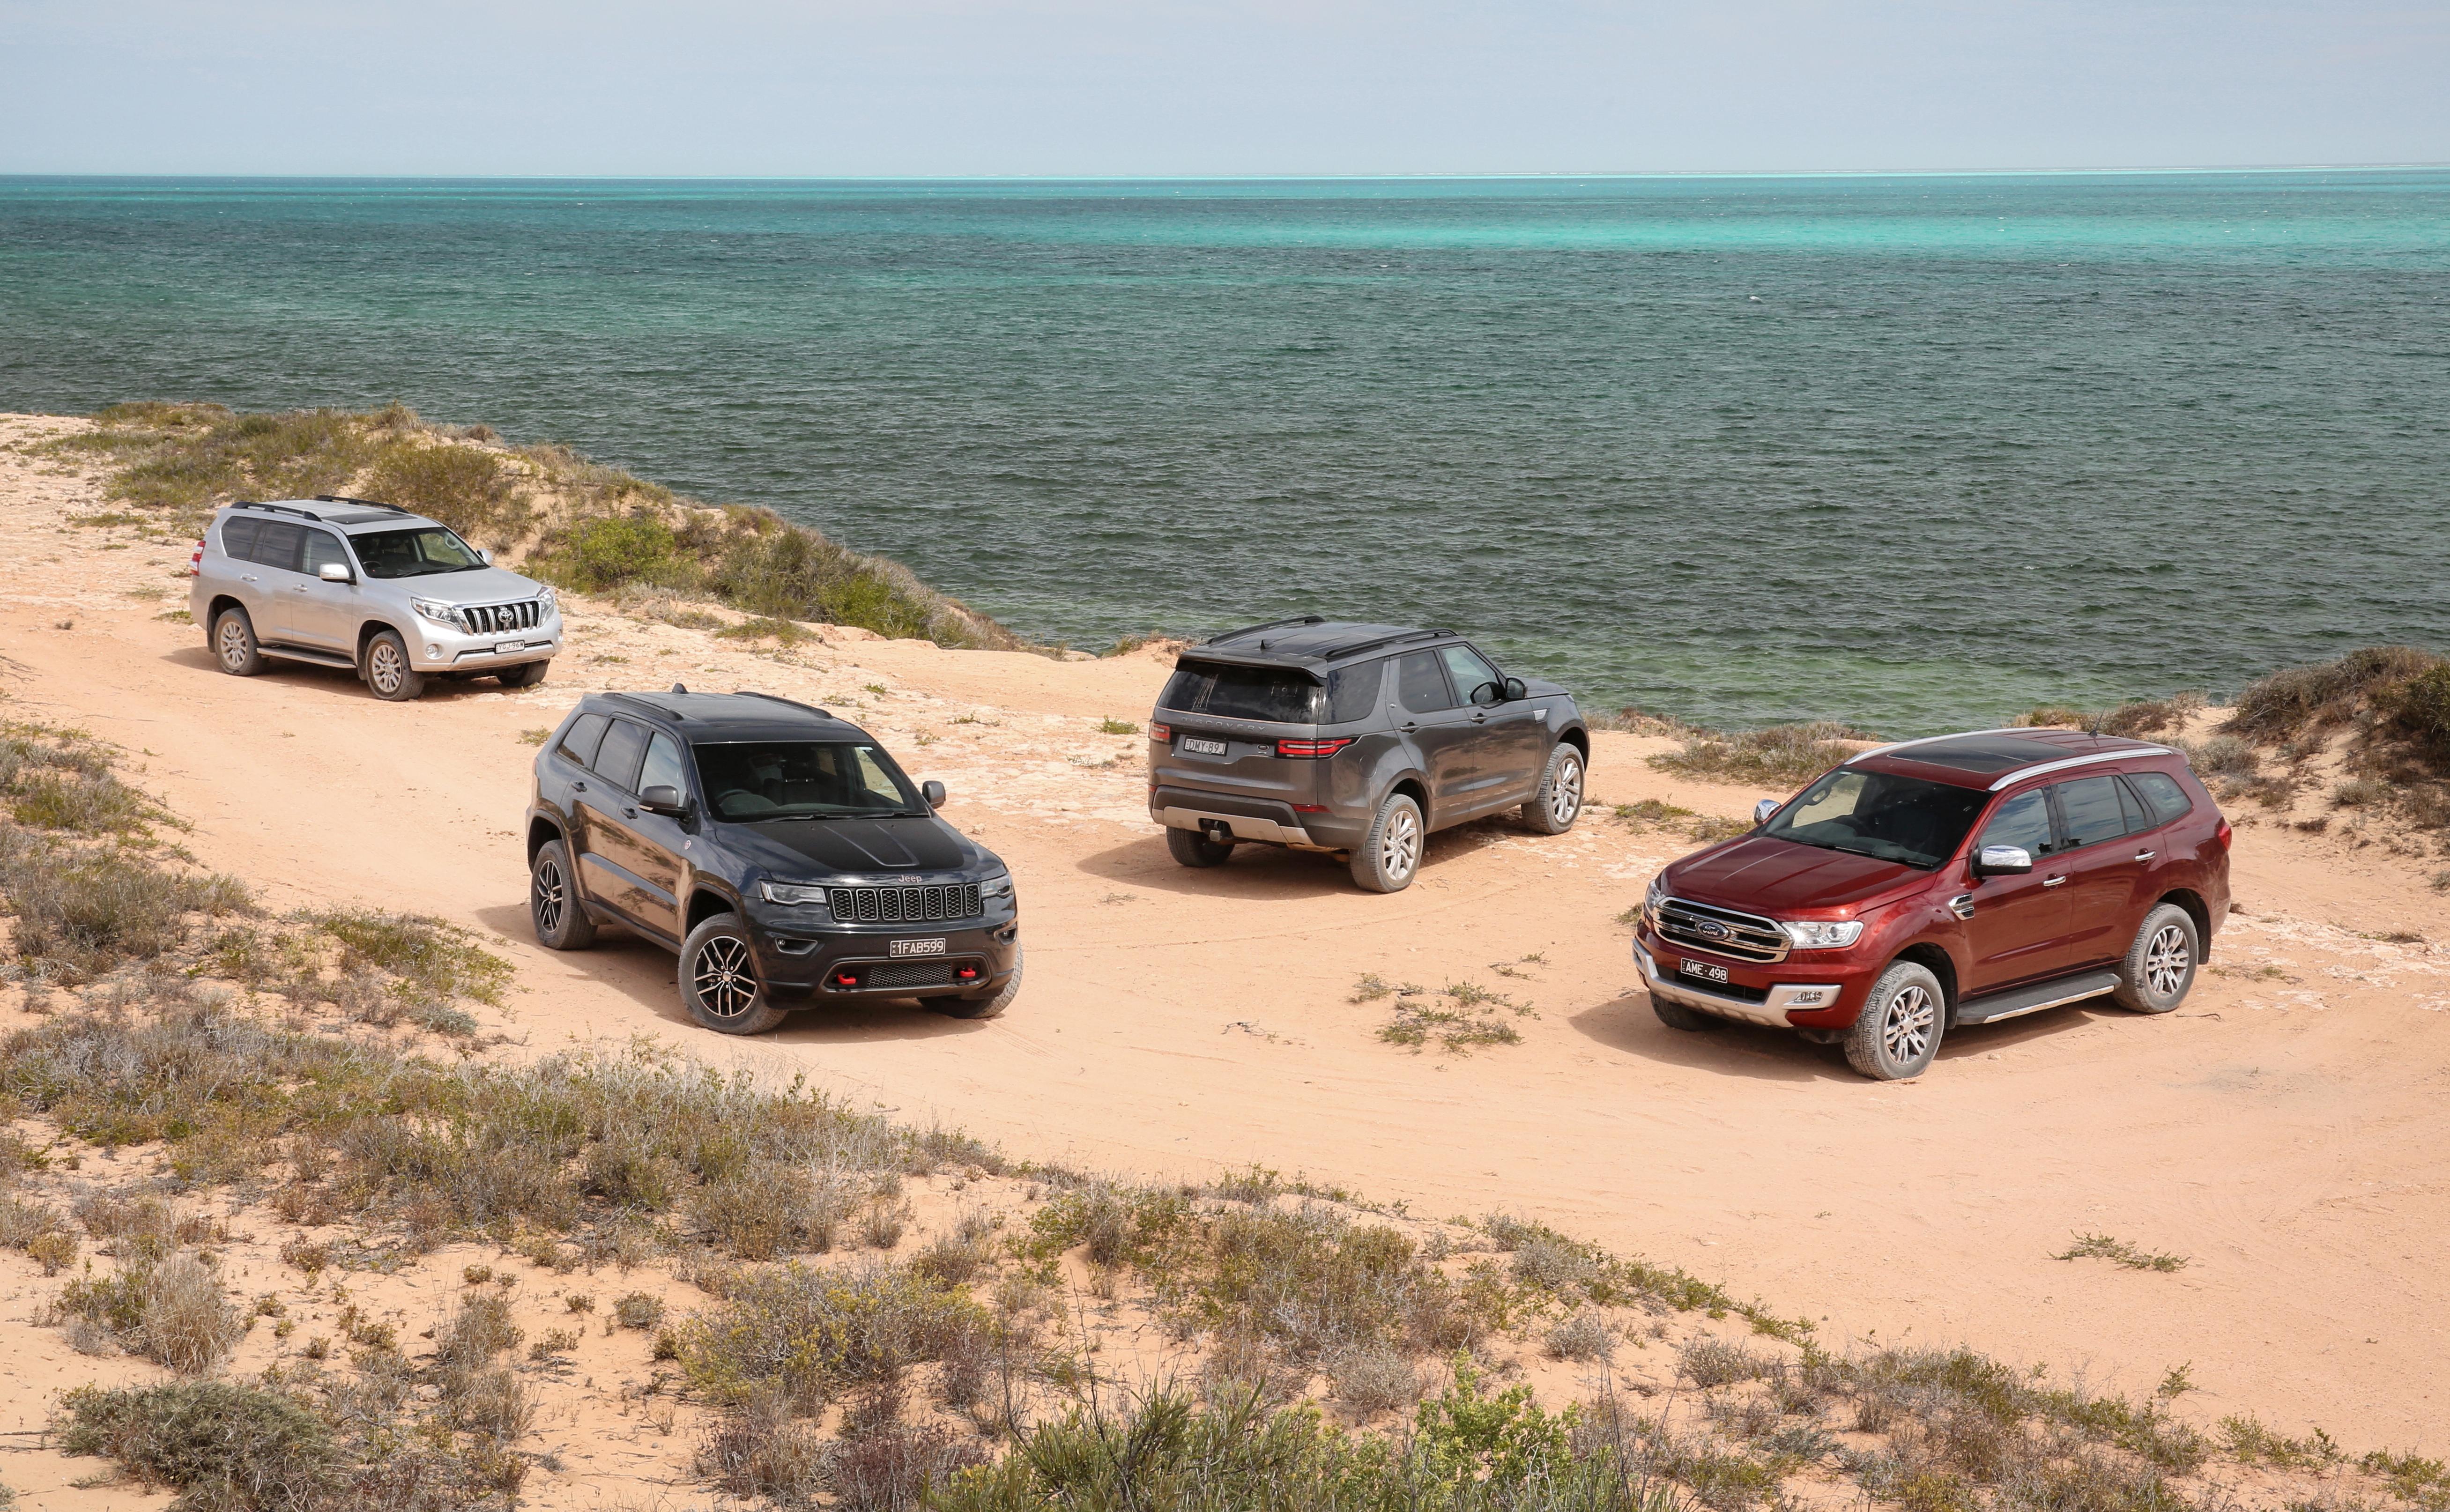 Luxury 4x4 Comparison: Land Rover Discovery v Ford Everest v Toyota Prado v Jeep Grand Cherokee